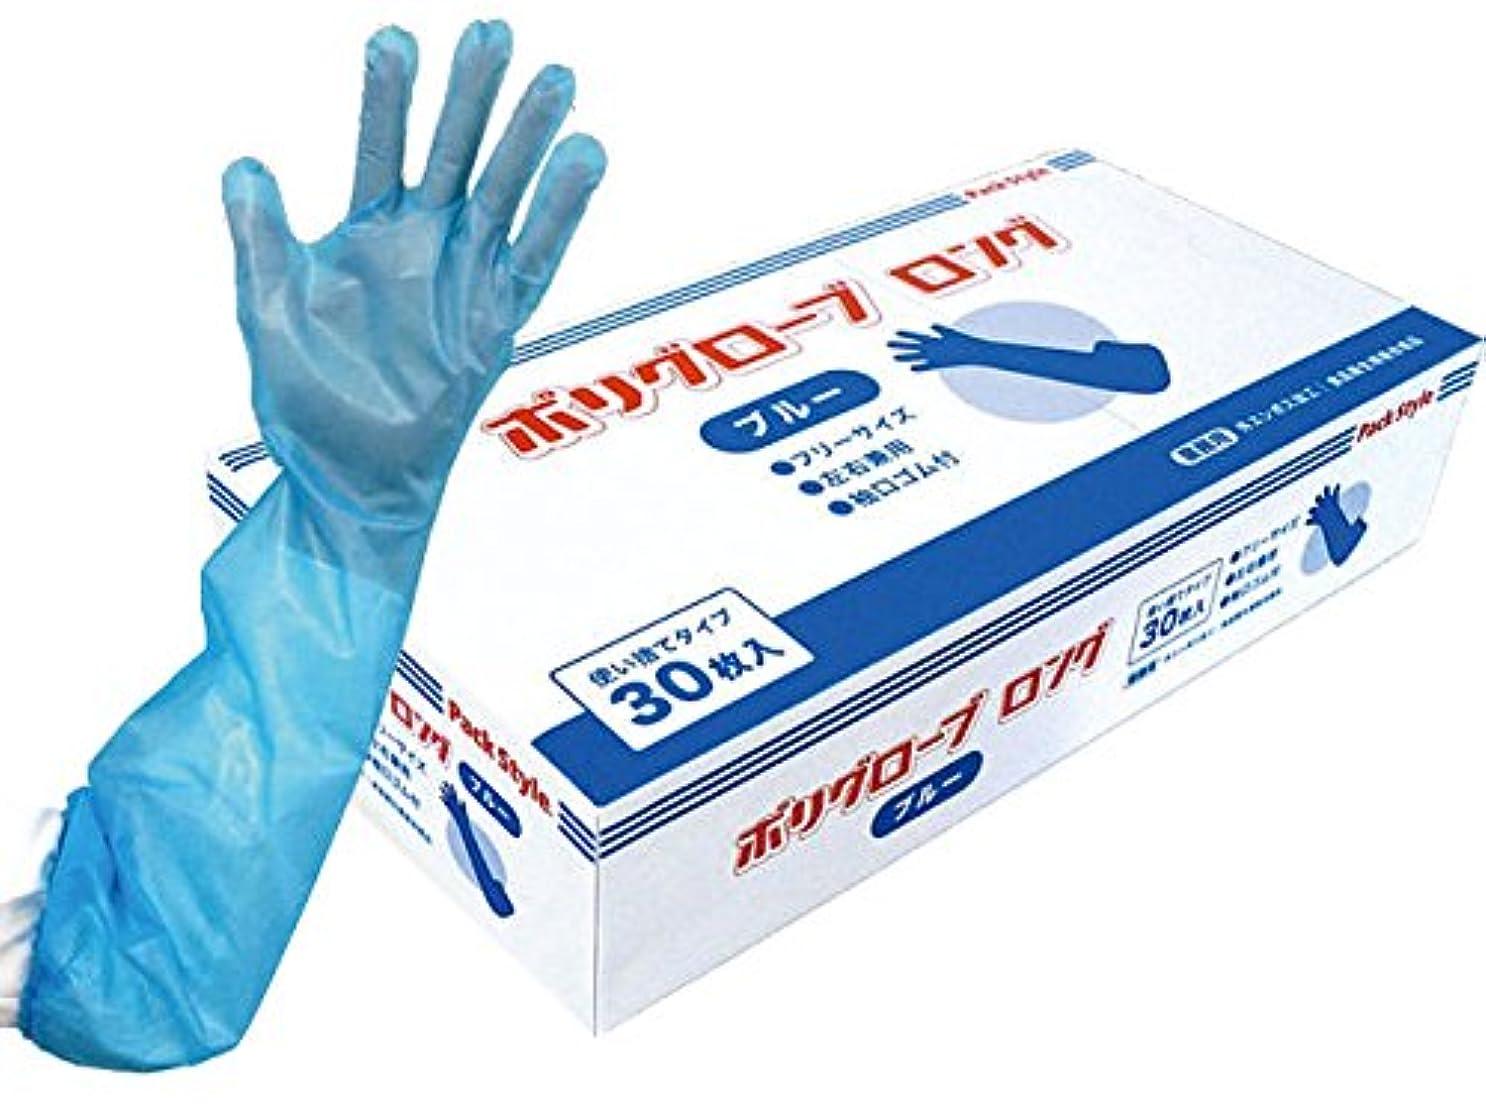 ダンプディレクターイタリアのパックスタイル 使い捨て ポリ手袋 ポリグローブロング 袖口ゴム付 青 600枚 00493319